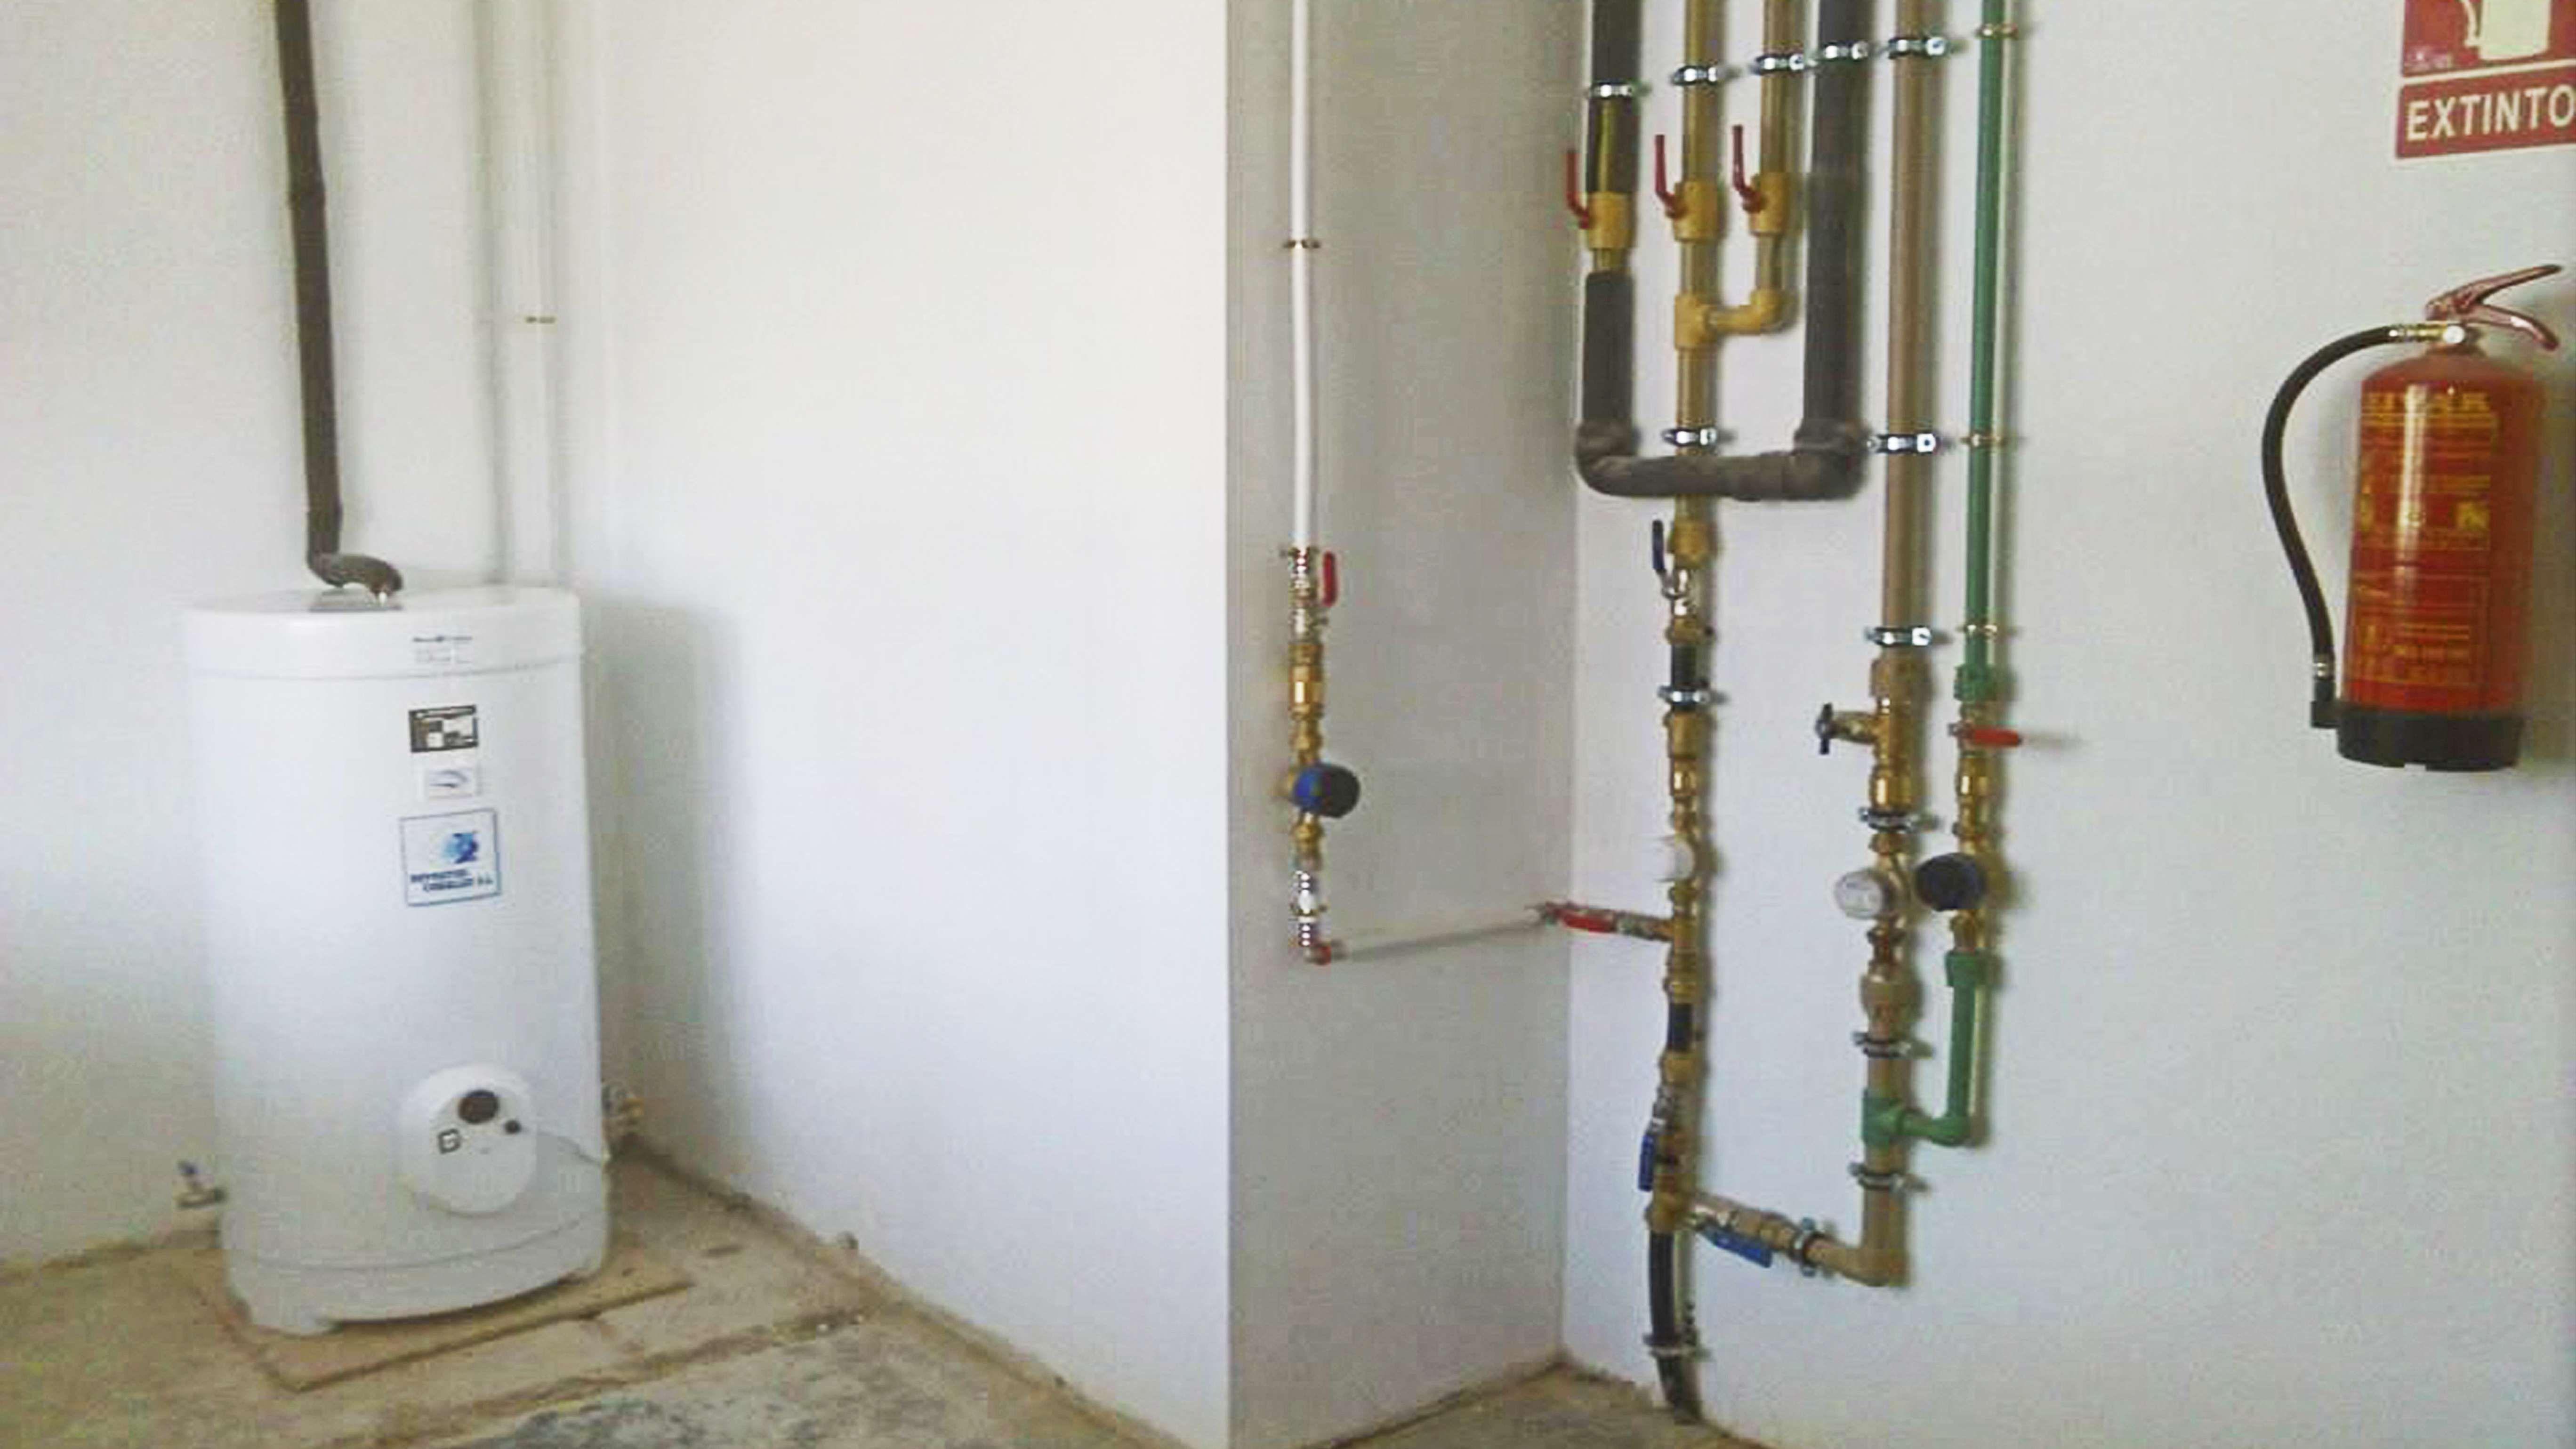 Expertos instaladores de calefacción en Lugo